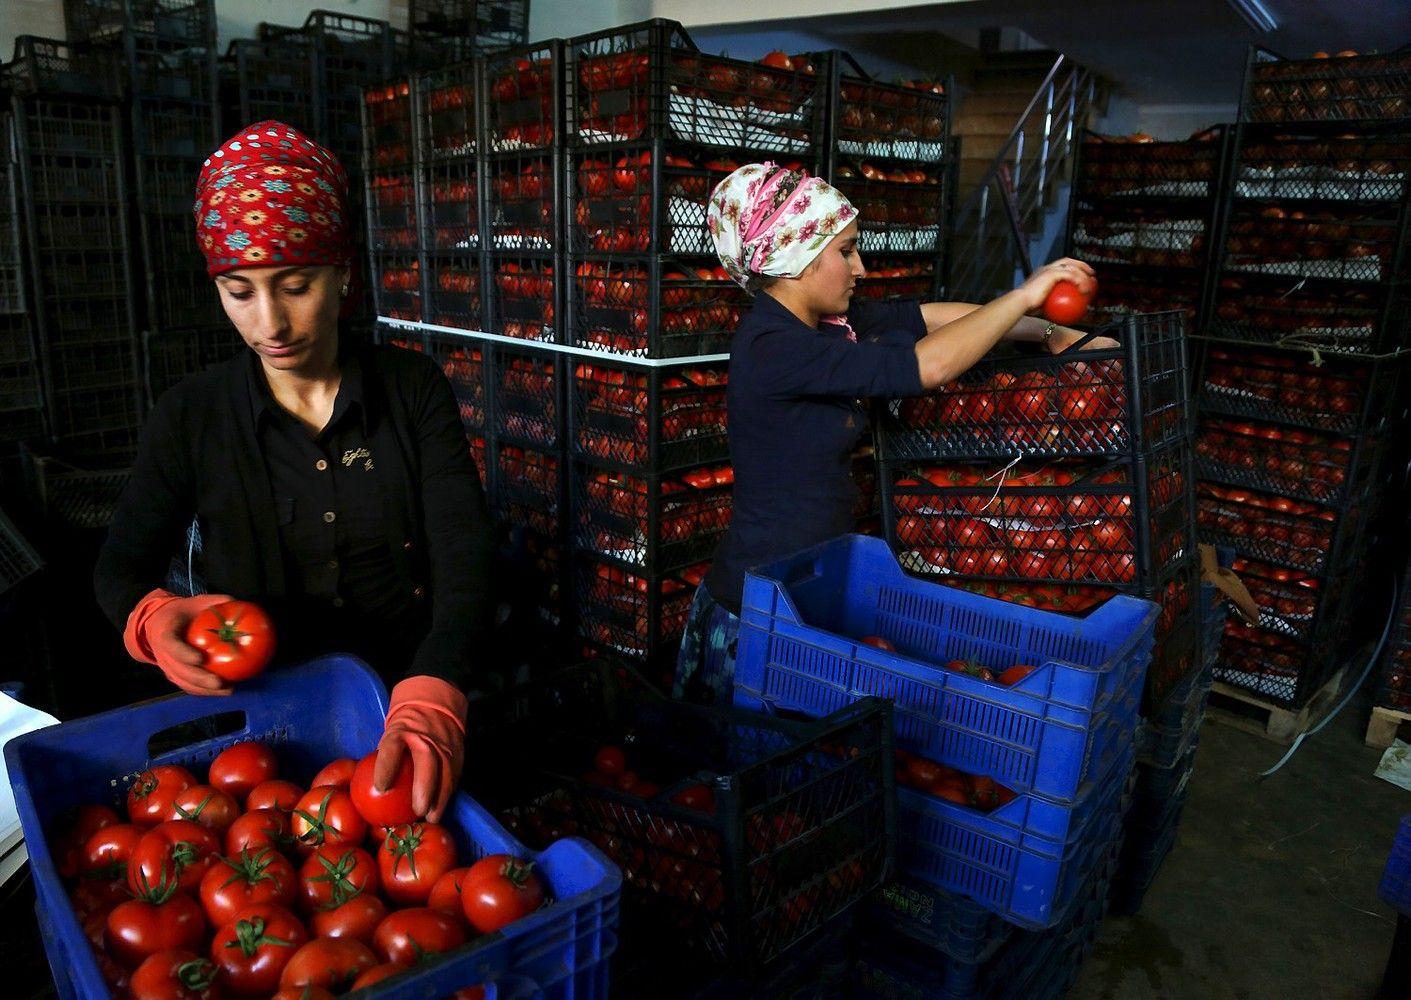 Rusijos ir Turkijos prekybos karas: kenčia abi pusės